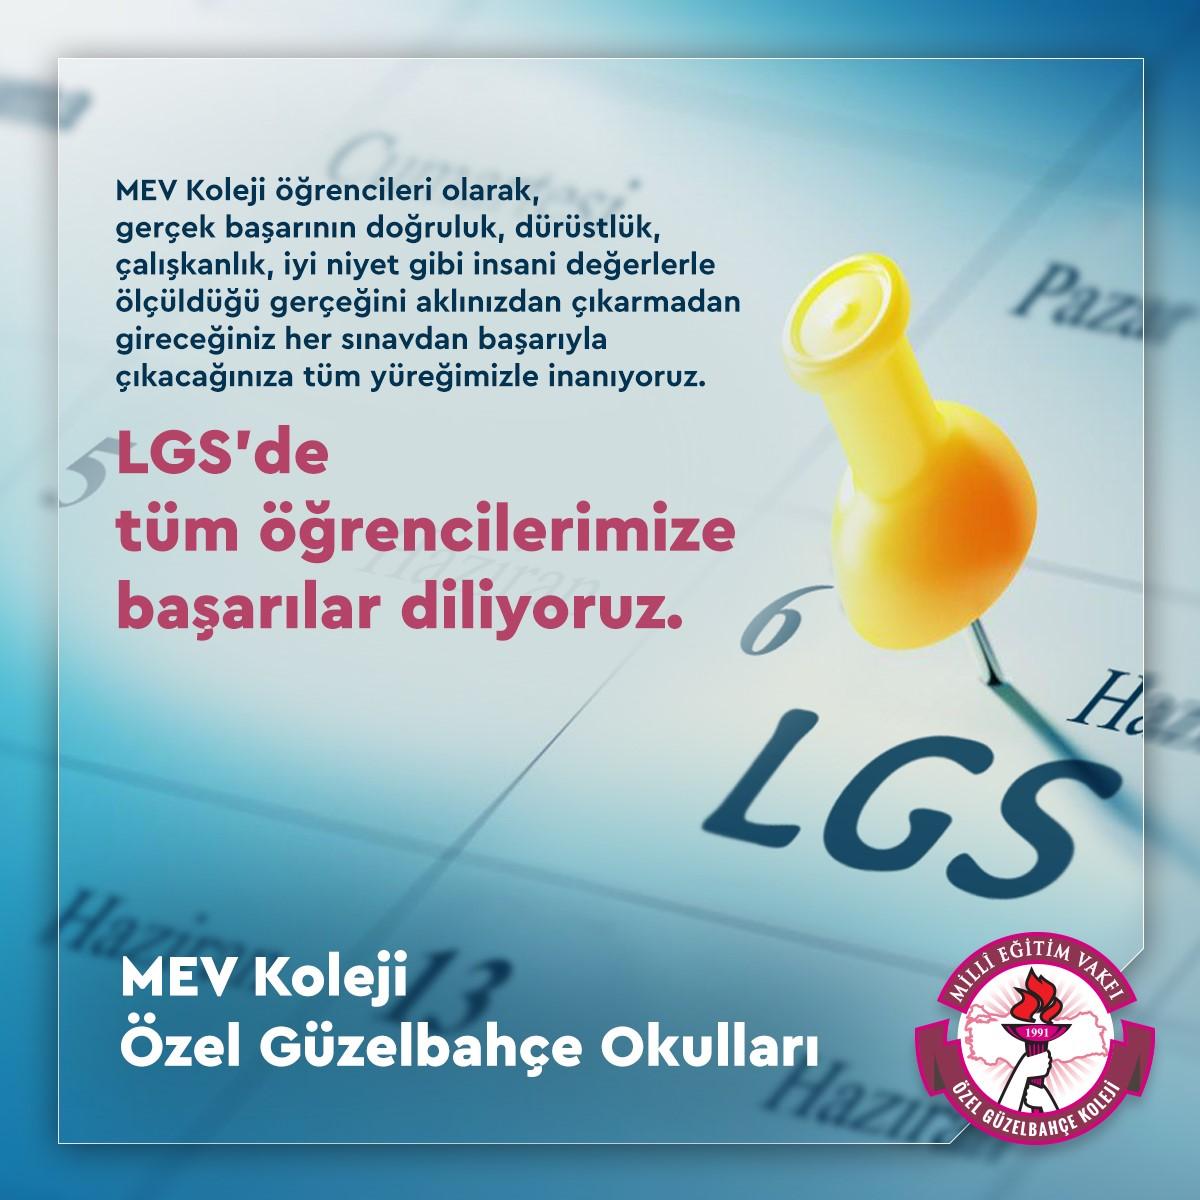 LGS'de Tüm Öğrencilerimize Başarılar Diliyoruz